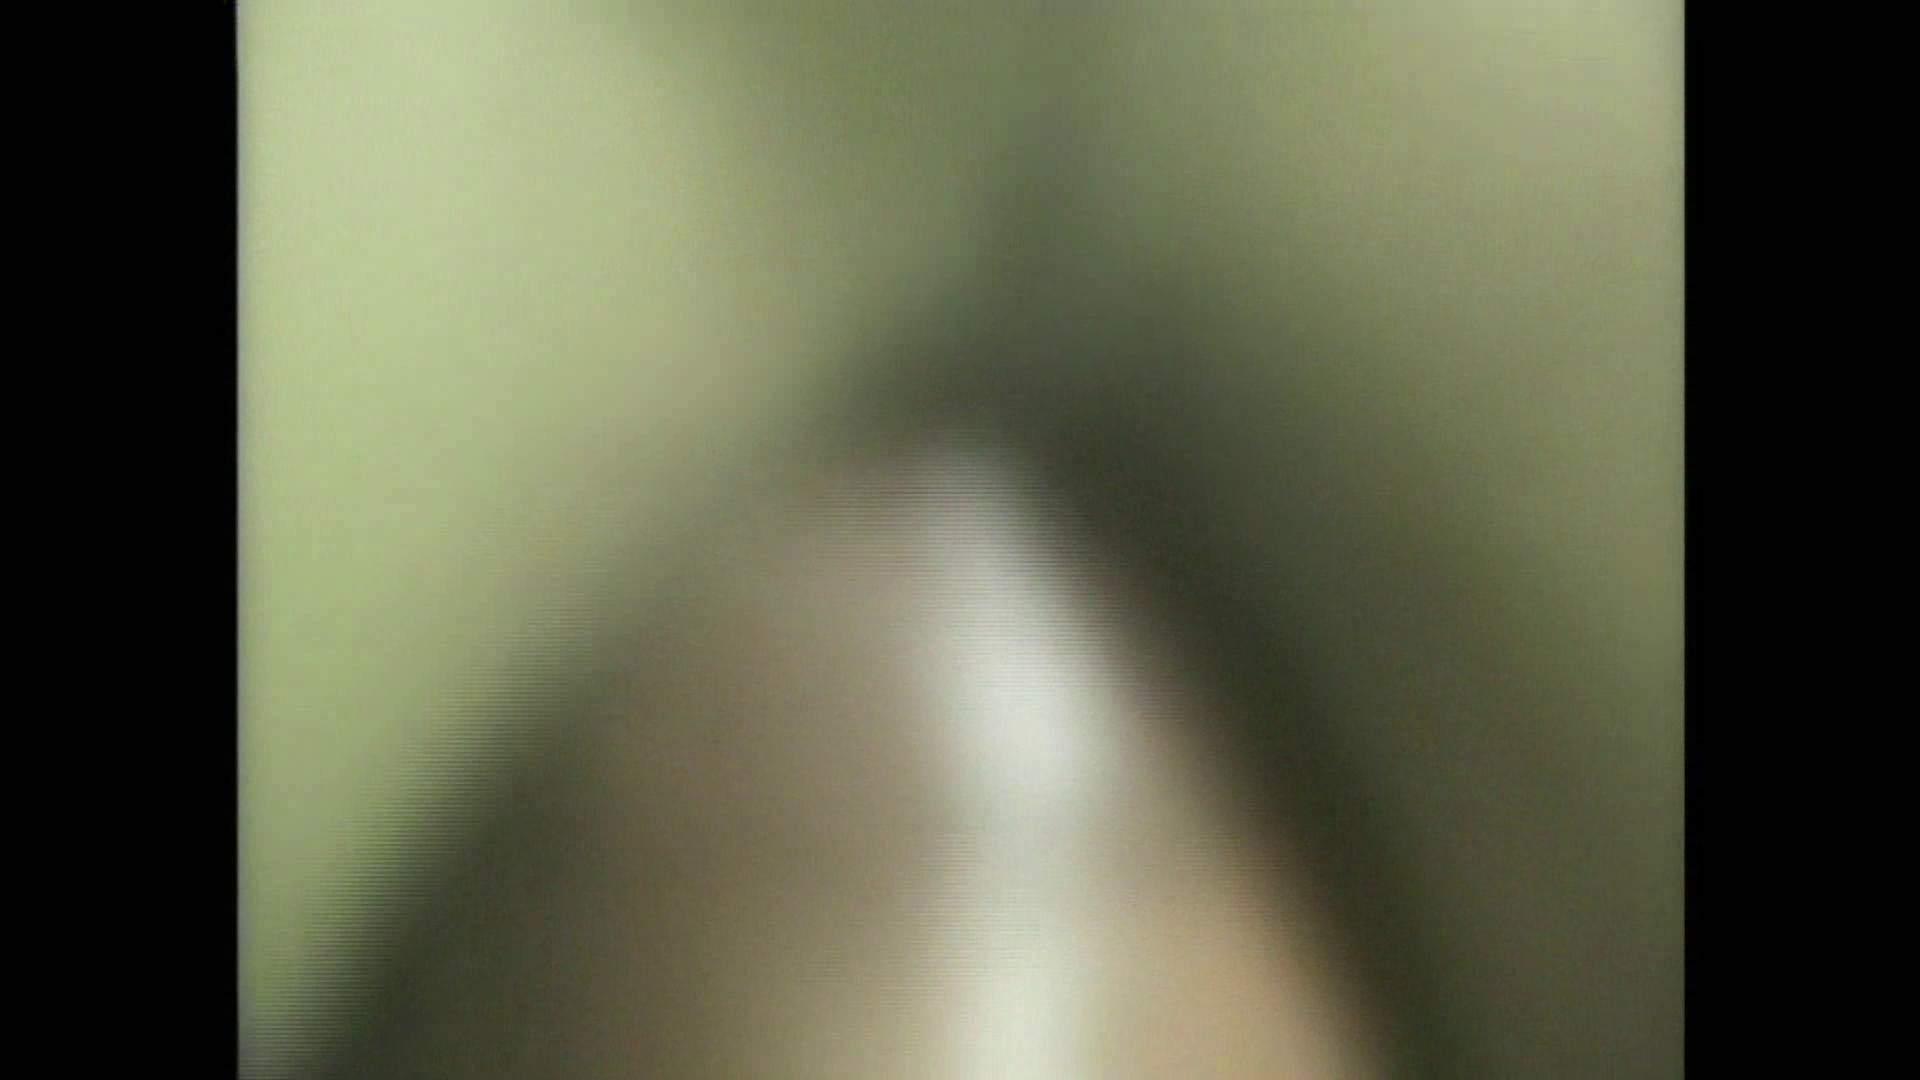 ゲイ 肉棒 動画|MADOKAさんのズリネタコレクションVol.5-4|ゲイマニア